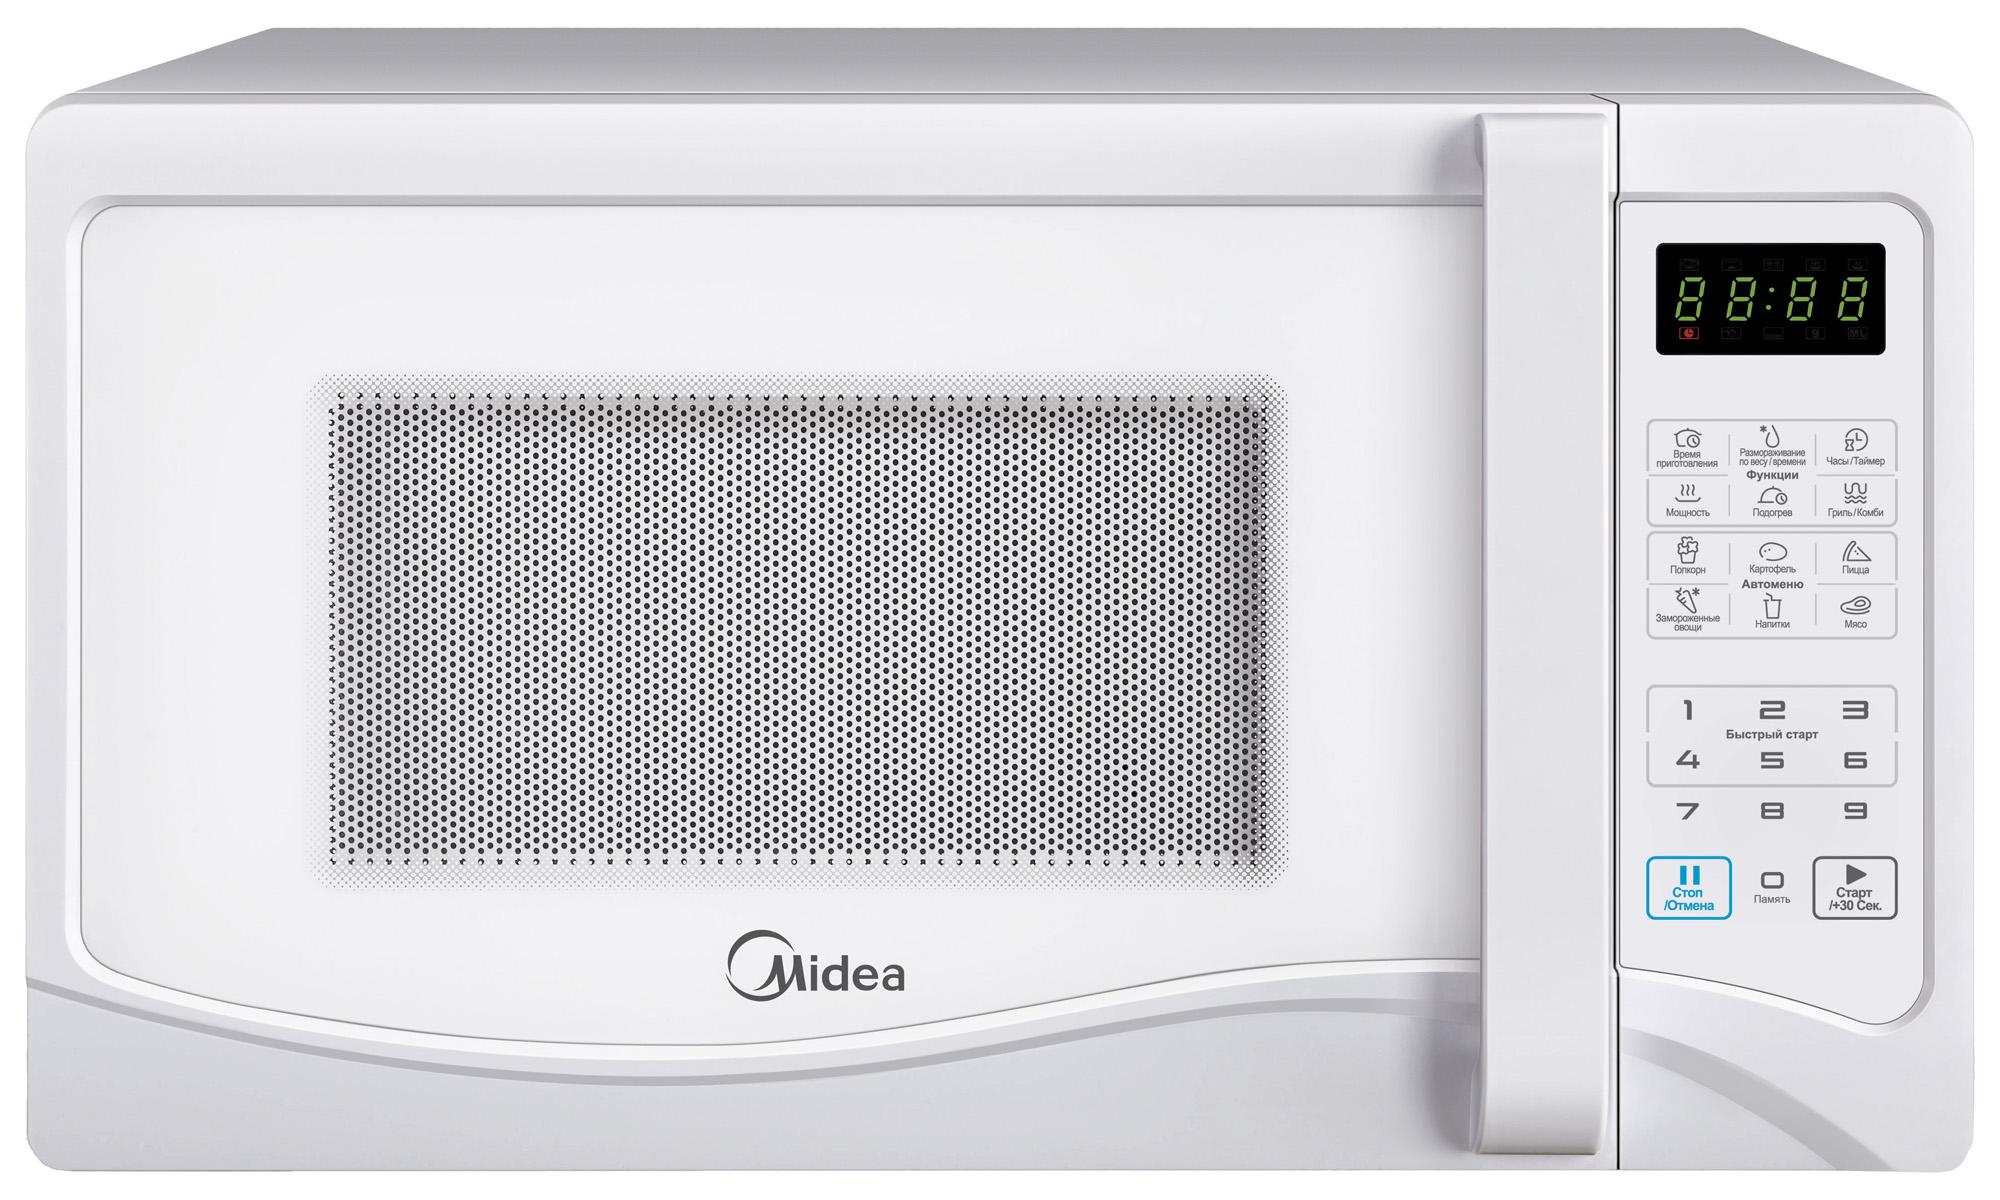 Микроволновая печь Midea EG 823 AEEМикроволновые печи<br><br><br>Объём, литров: 23<br>Тип: Микроволновая печь<br>Тип управления: Электронное<br>Дисплей: Есть<br>Переключатели: Сенсорные